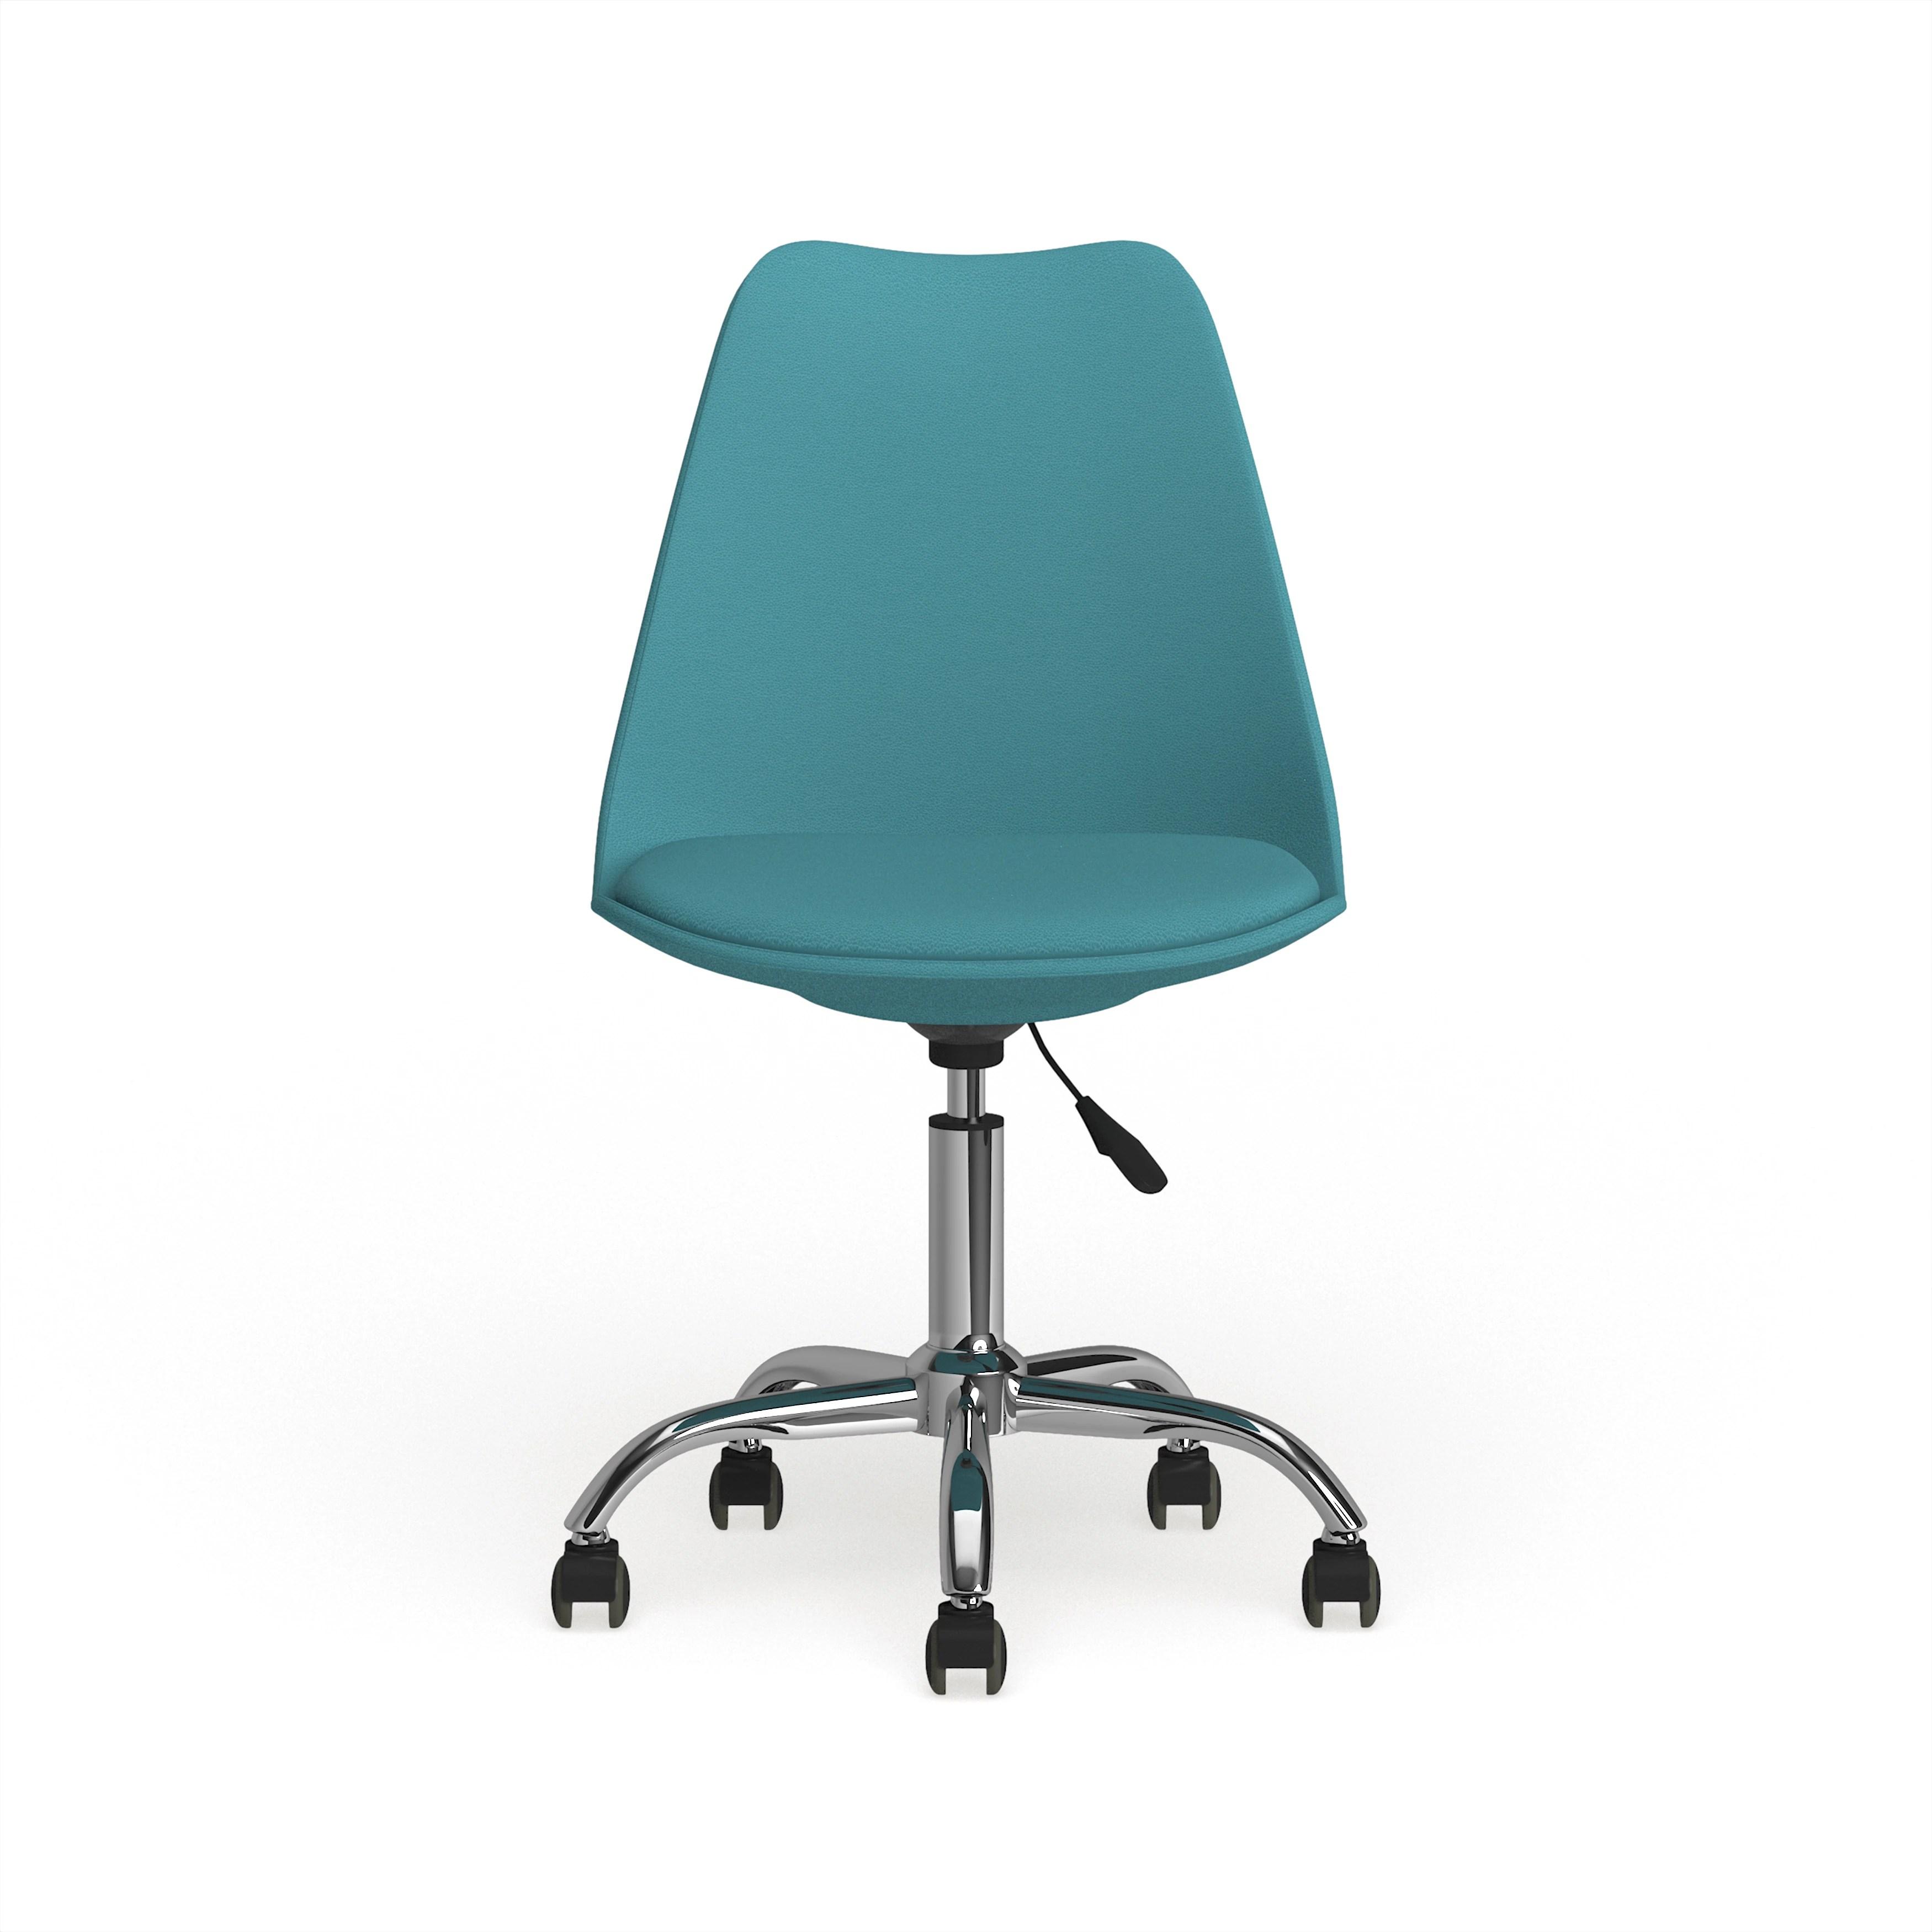 Carson Carrington Bollnas Mid Century Modern Teal Leather Office Task Chair Overstock 22727477